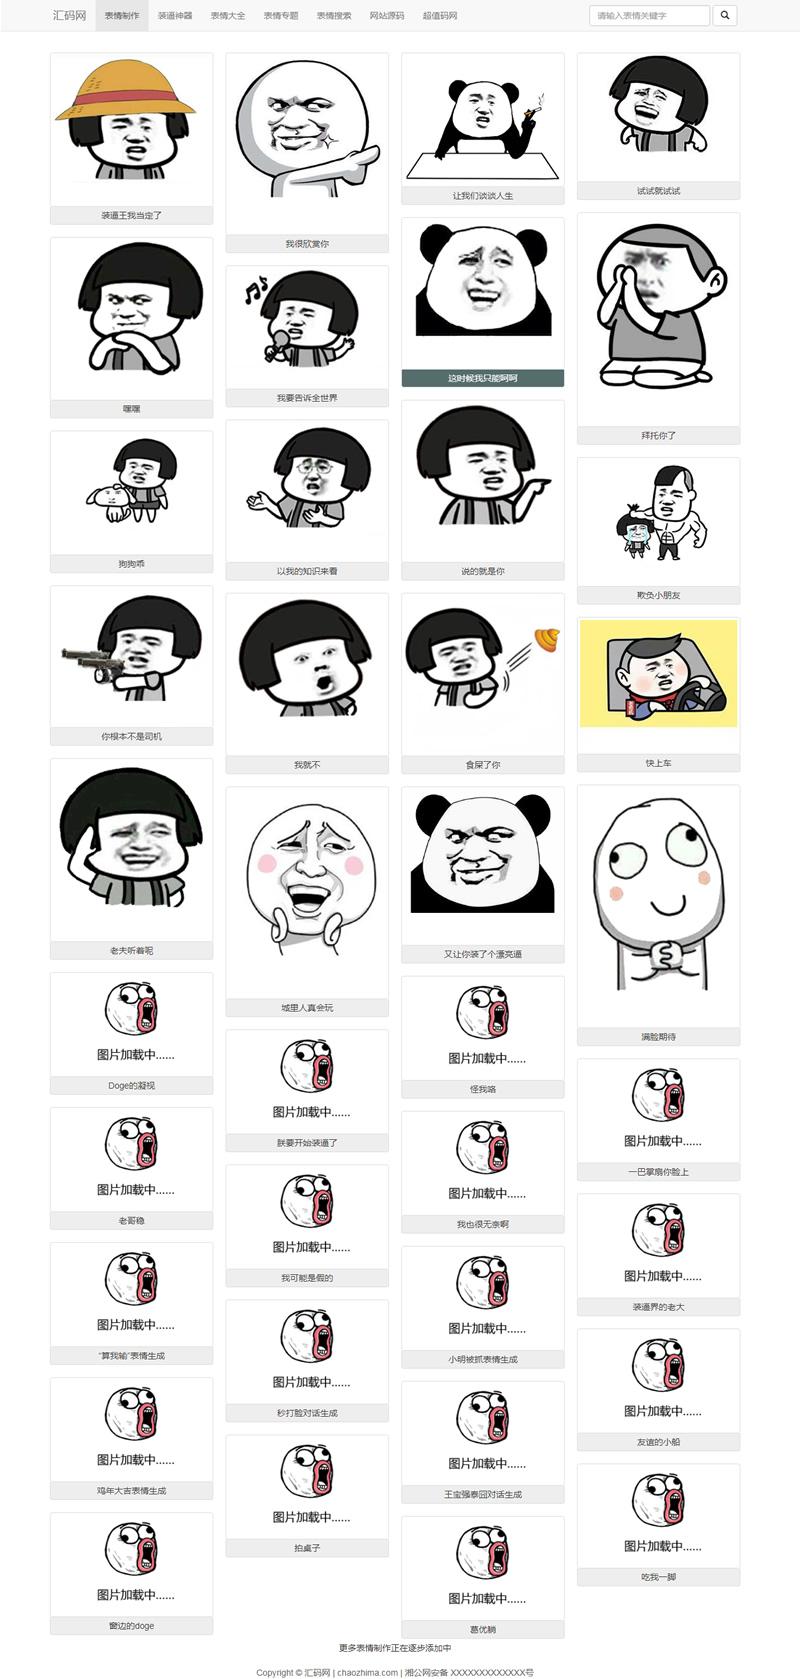 自适应支持手机浏览,图片表情制作,QQ斗图生成,搜狗图片搜索